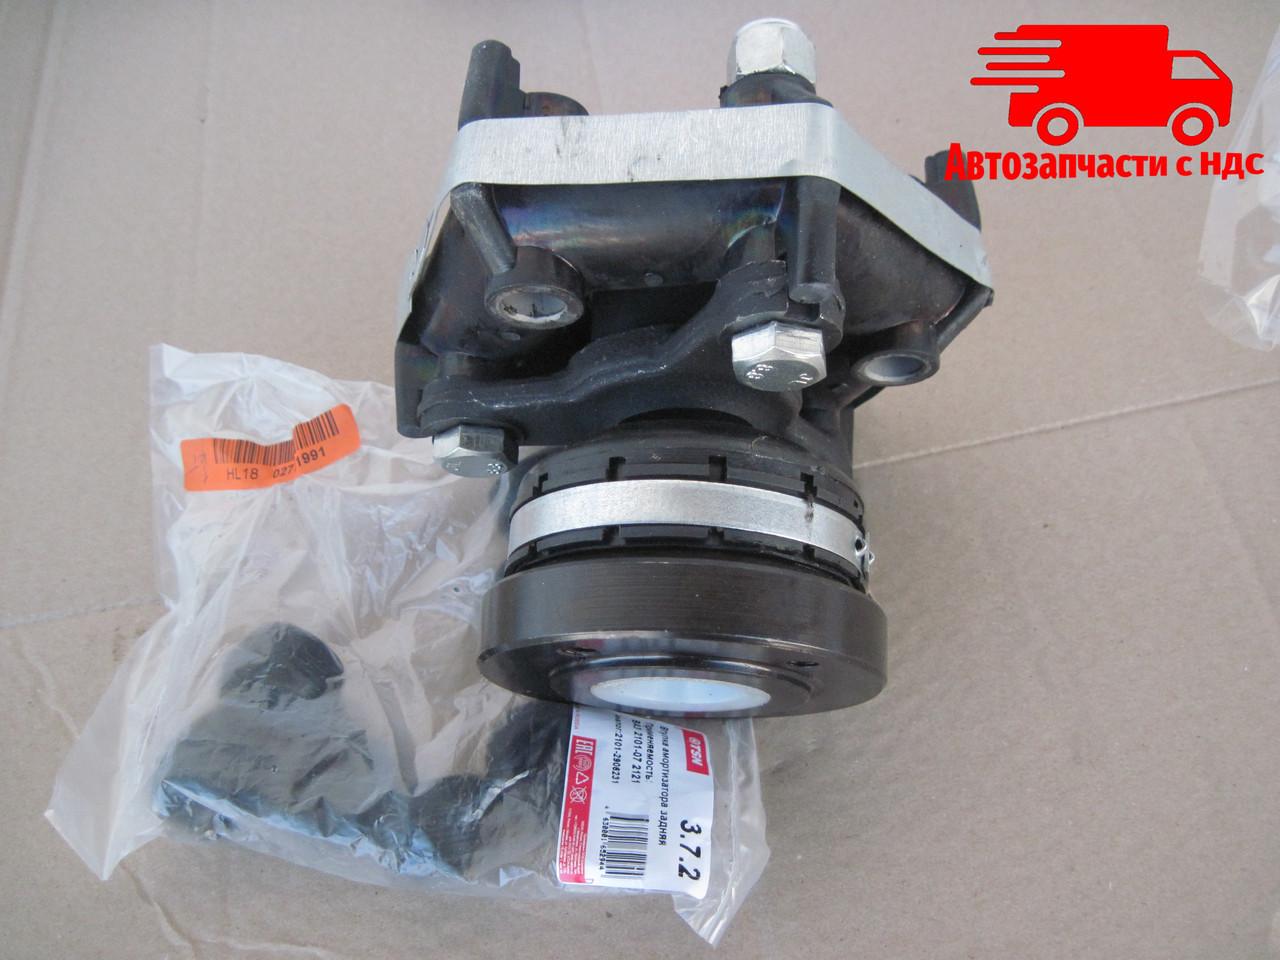 Вал карданный ВАЗ 2121, 21213, 21214, НИВА коробки раздаточной промежуточный 2121-2202010 Ціна з ПДВ.